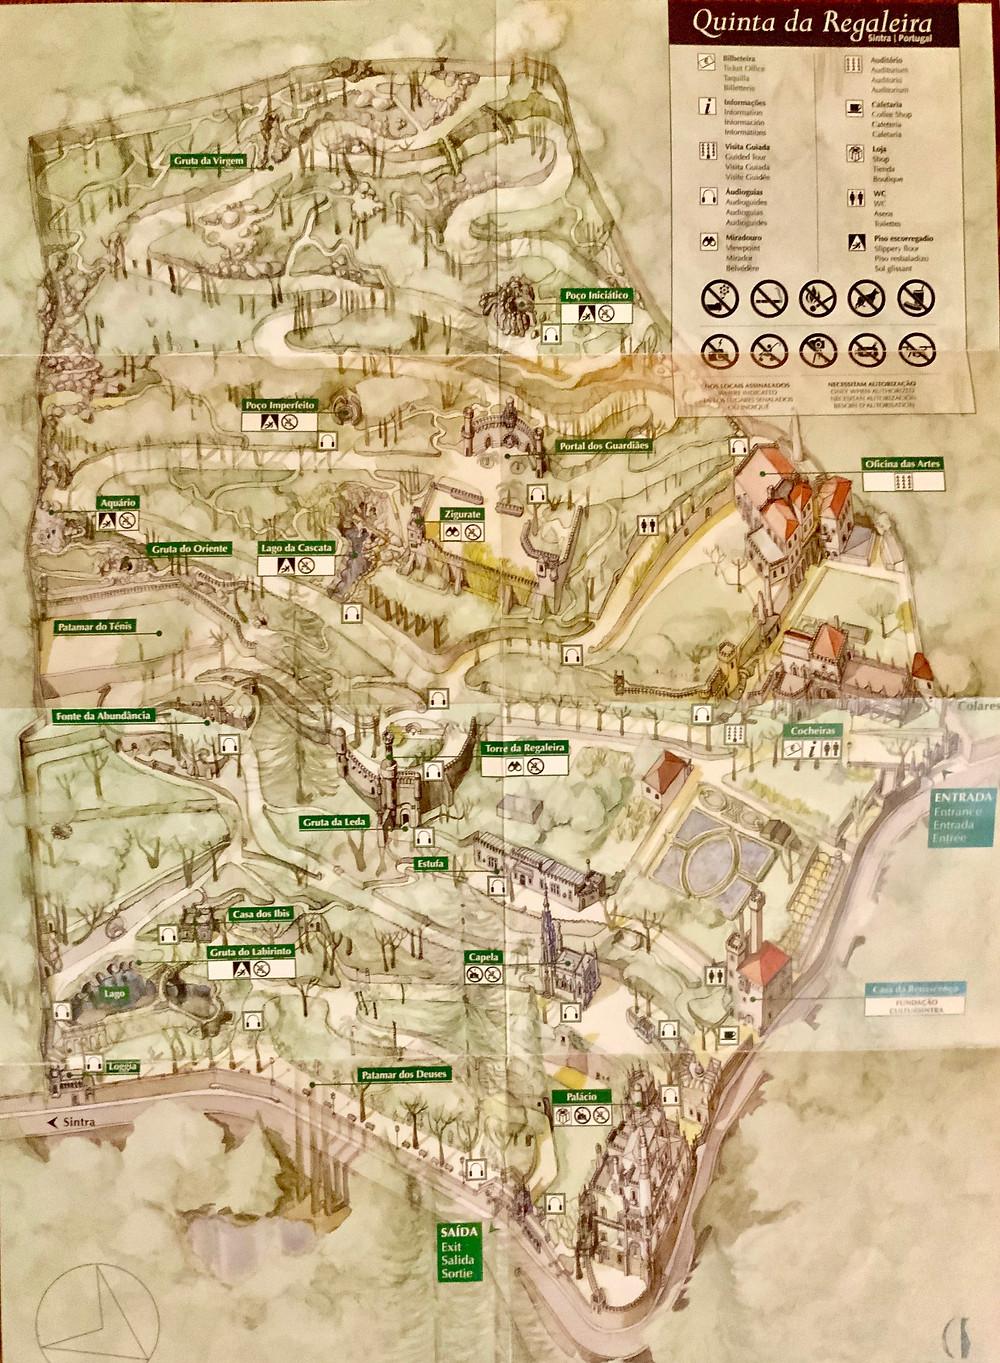 map of Quinta da Regaleira